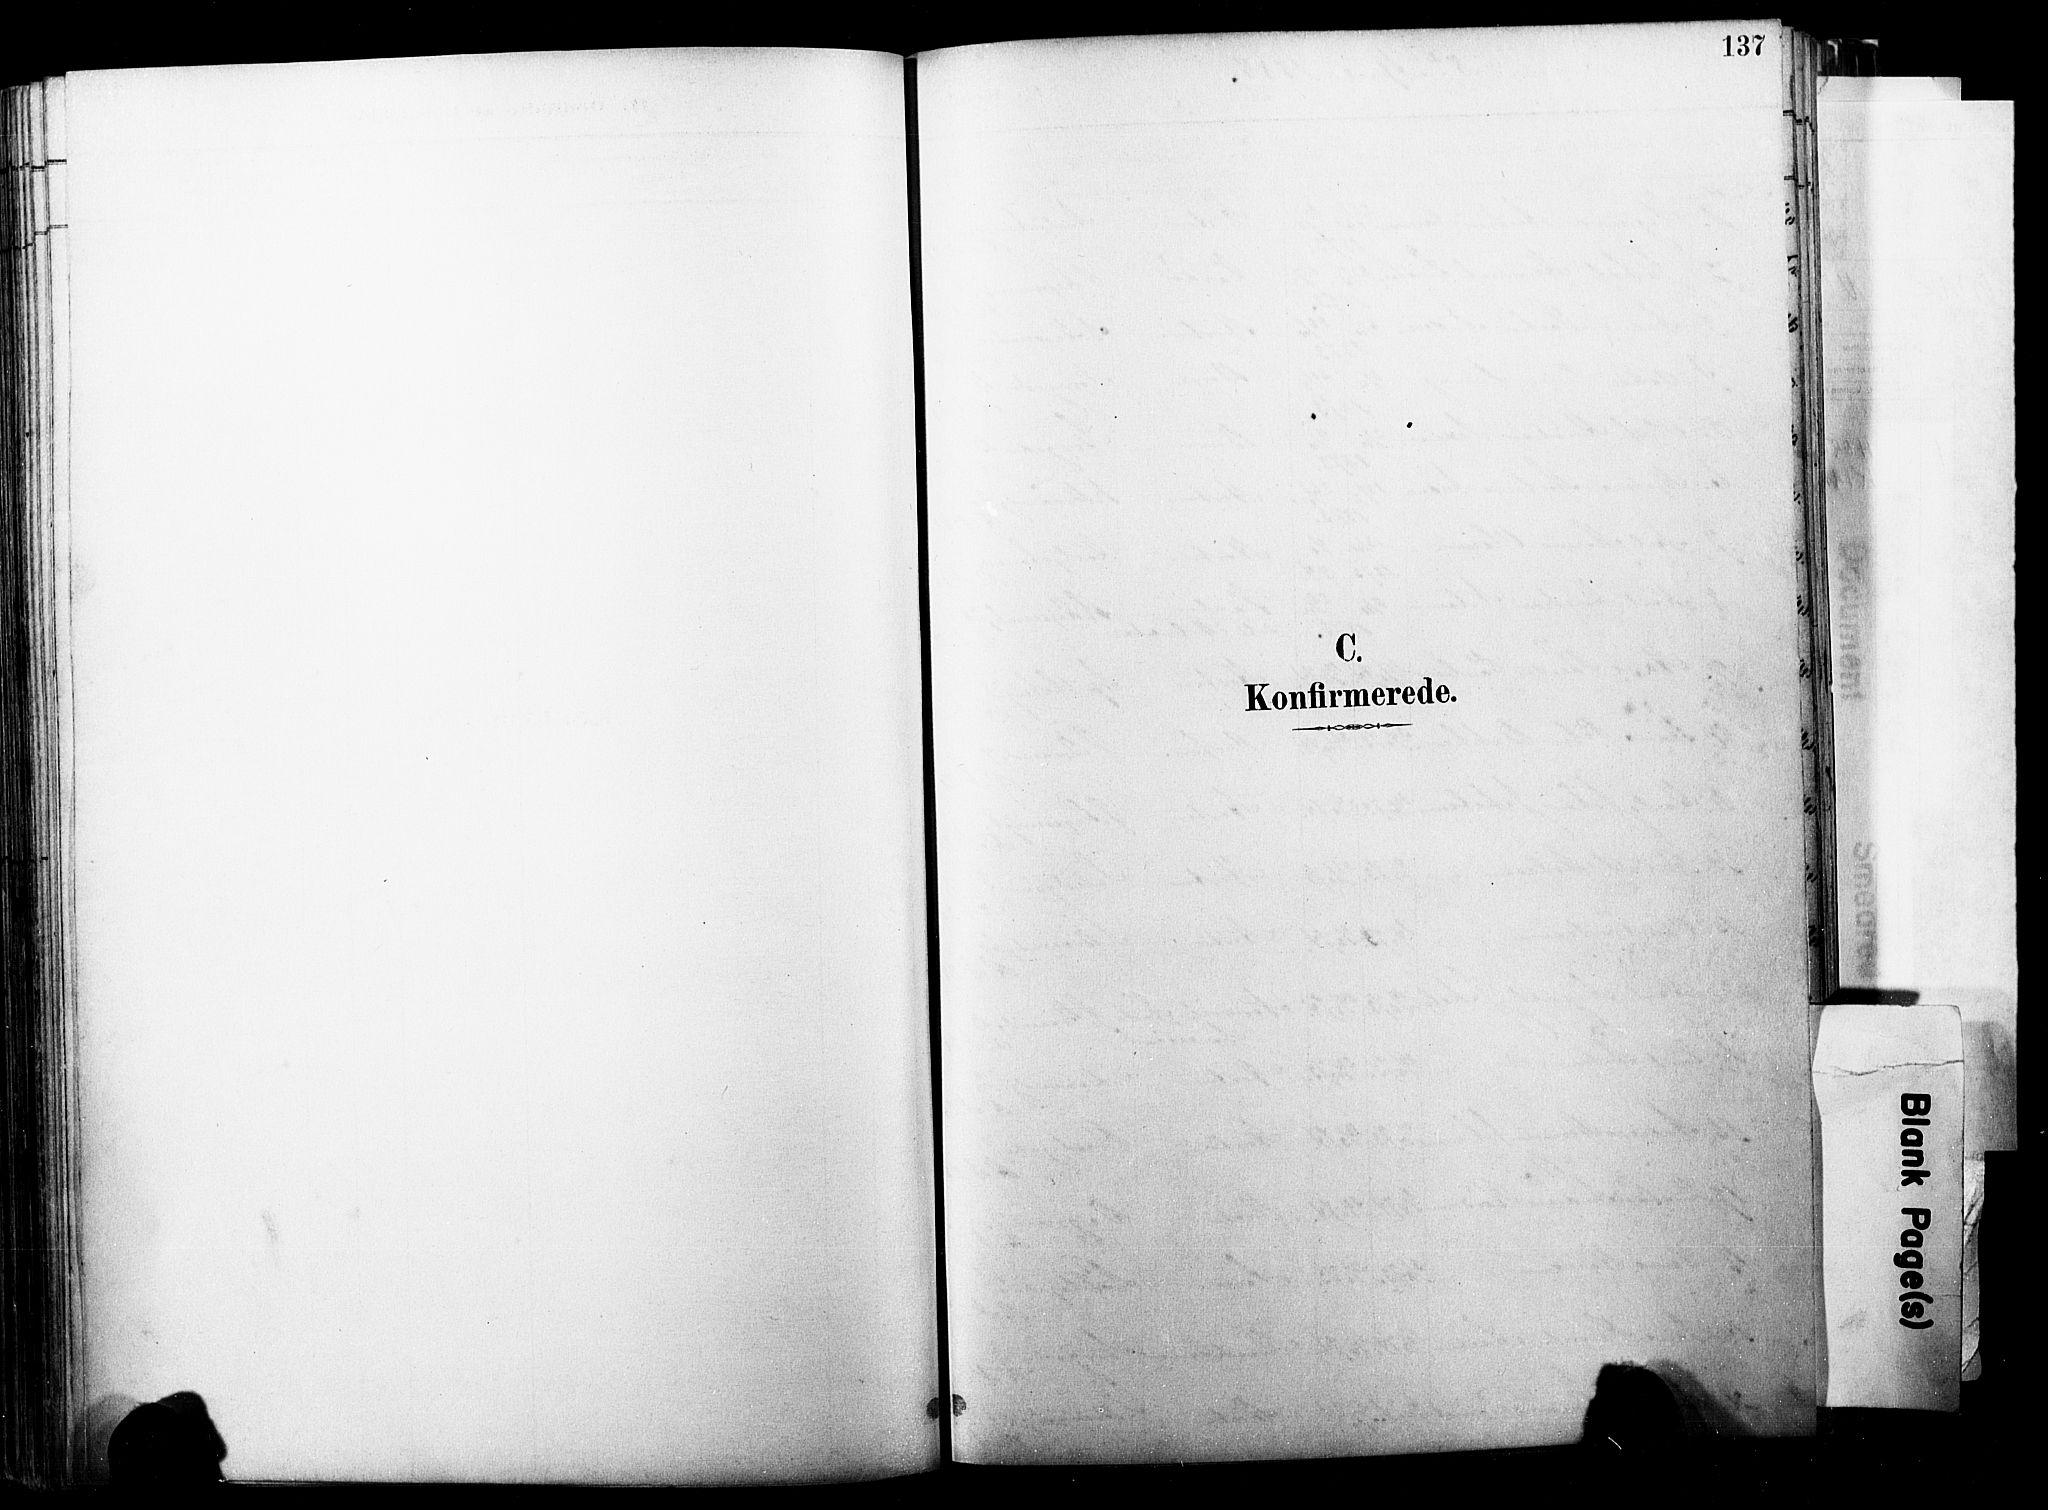 SAKO, Horten kirkebøker, F/Fa/L0004: Ministerialbok nr. 4, 1888-1895, s. 137